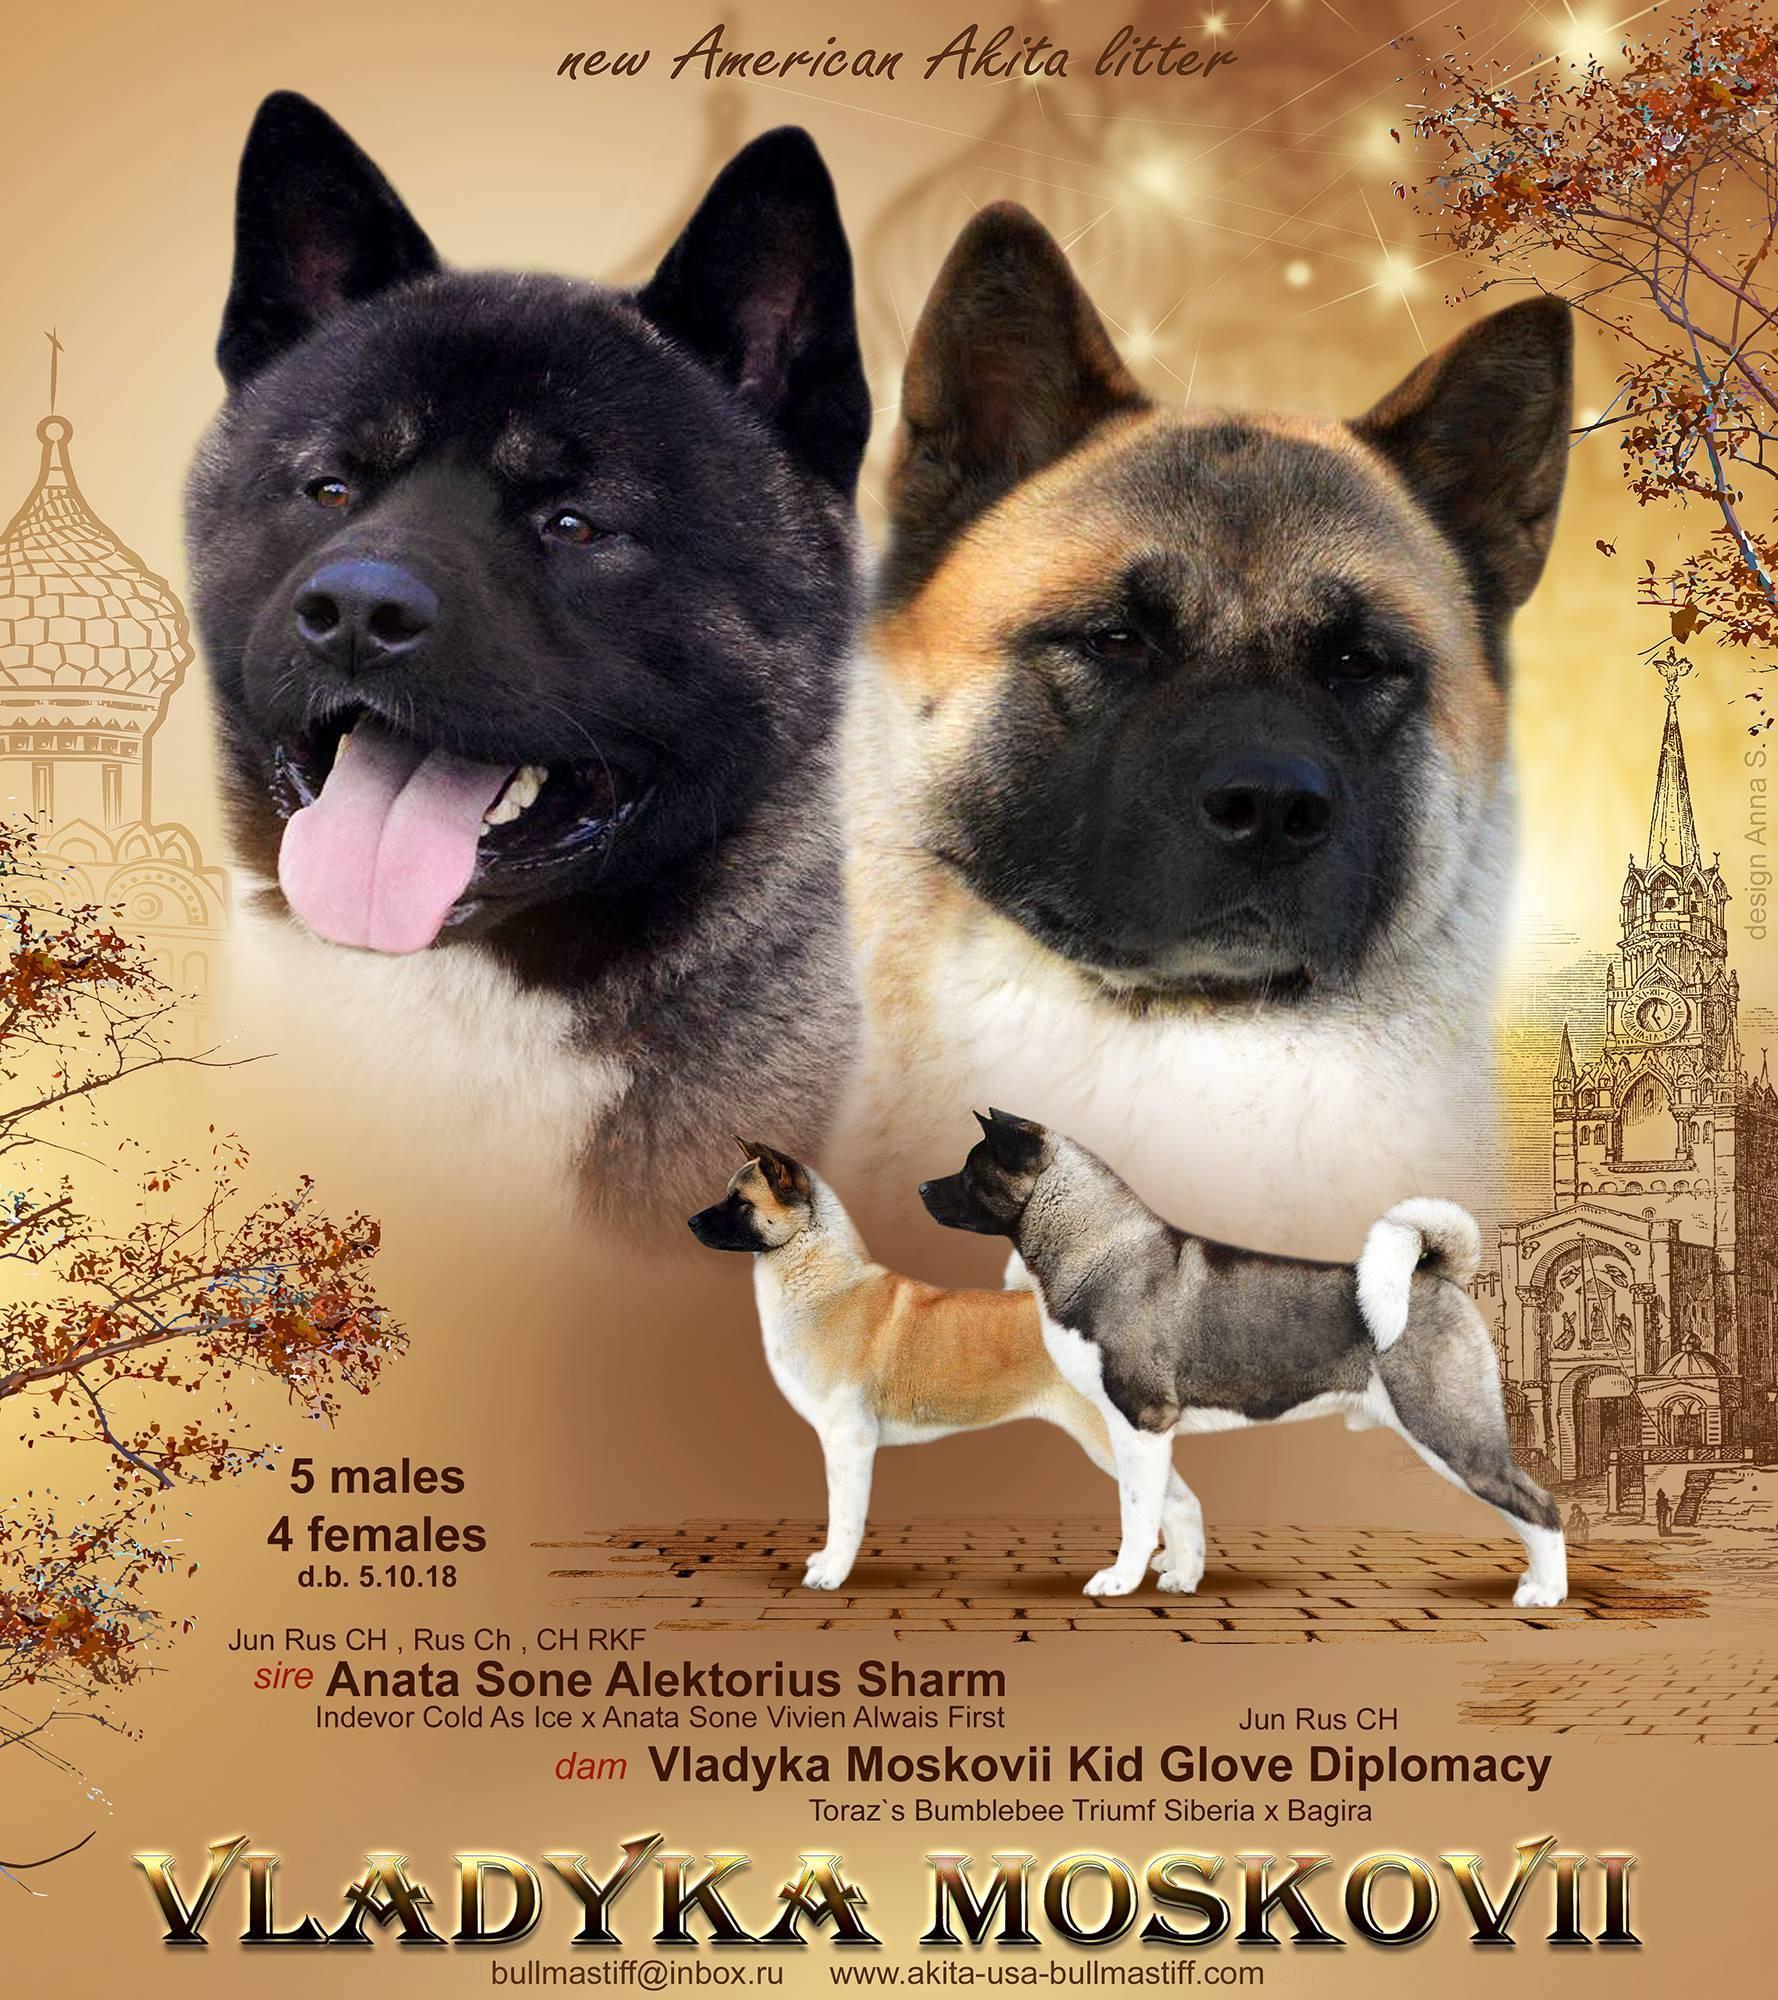 Полное описание породы собак американская акита: внешний вид, характер